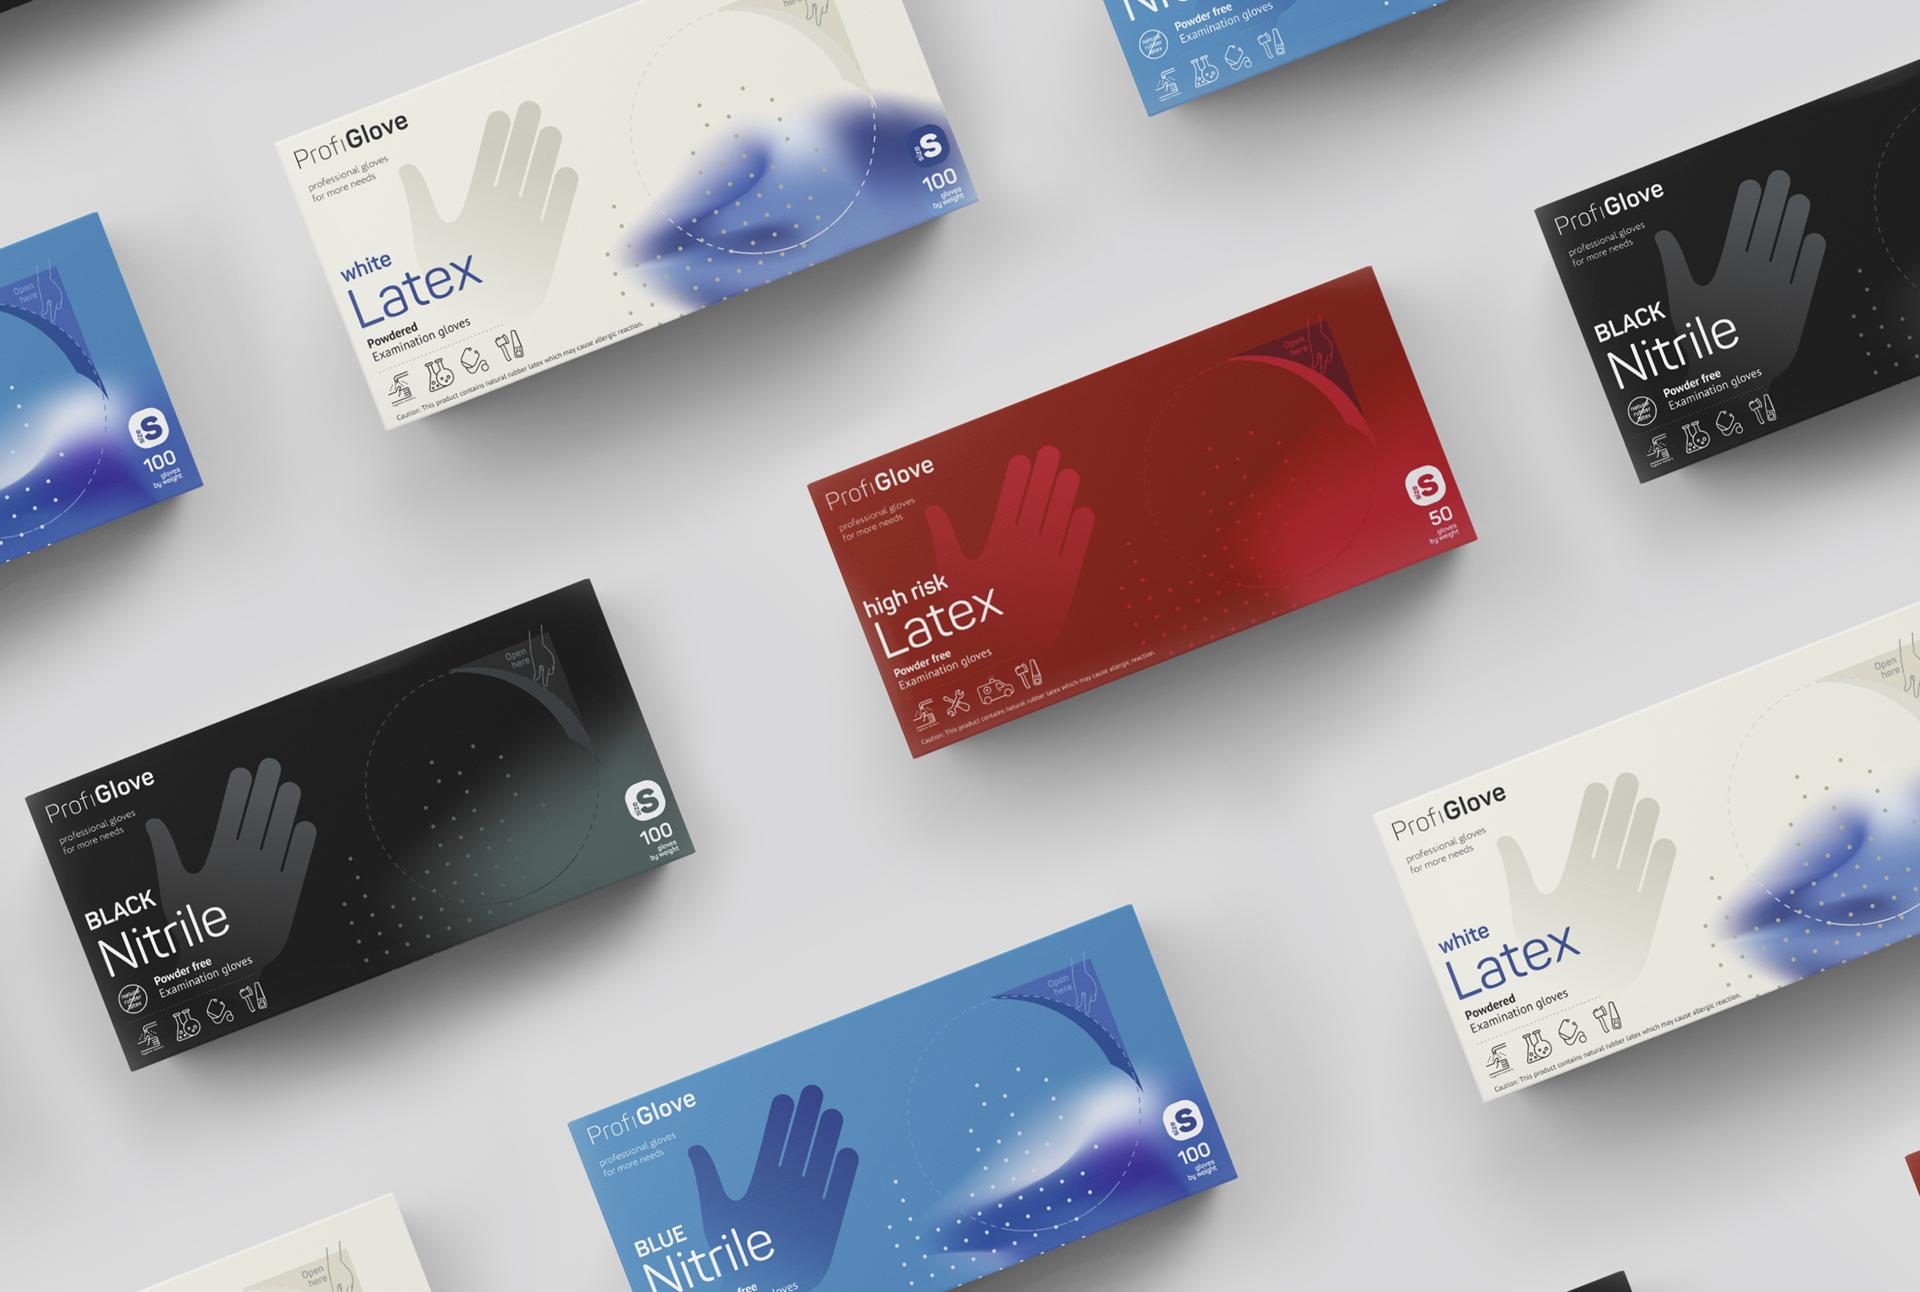 дизайн и разработка упаковки profiglove